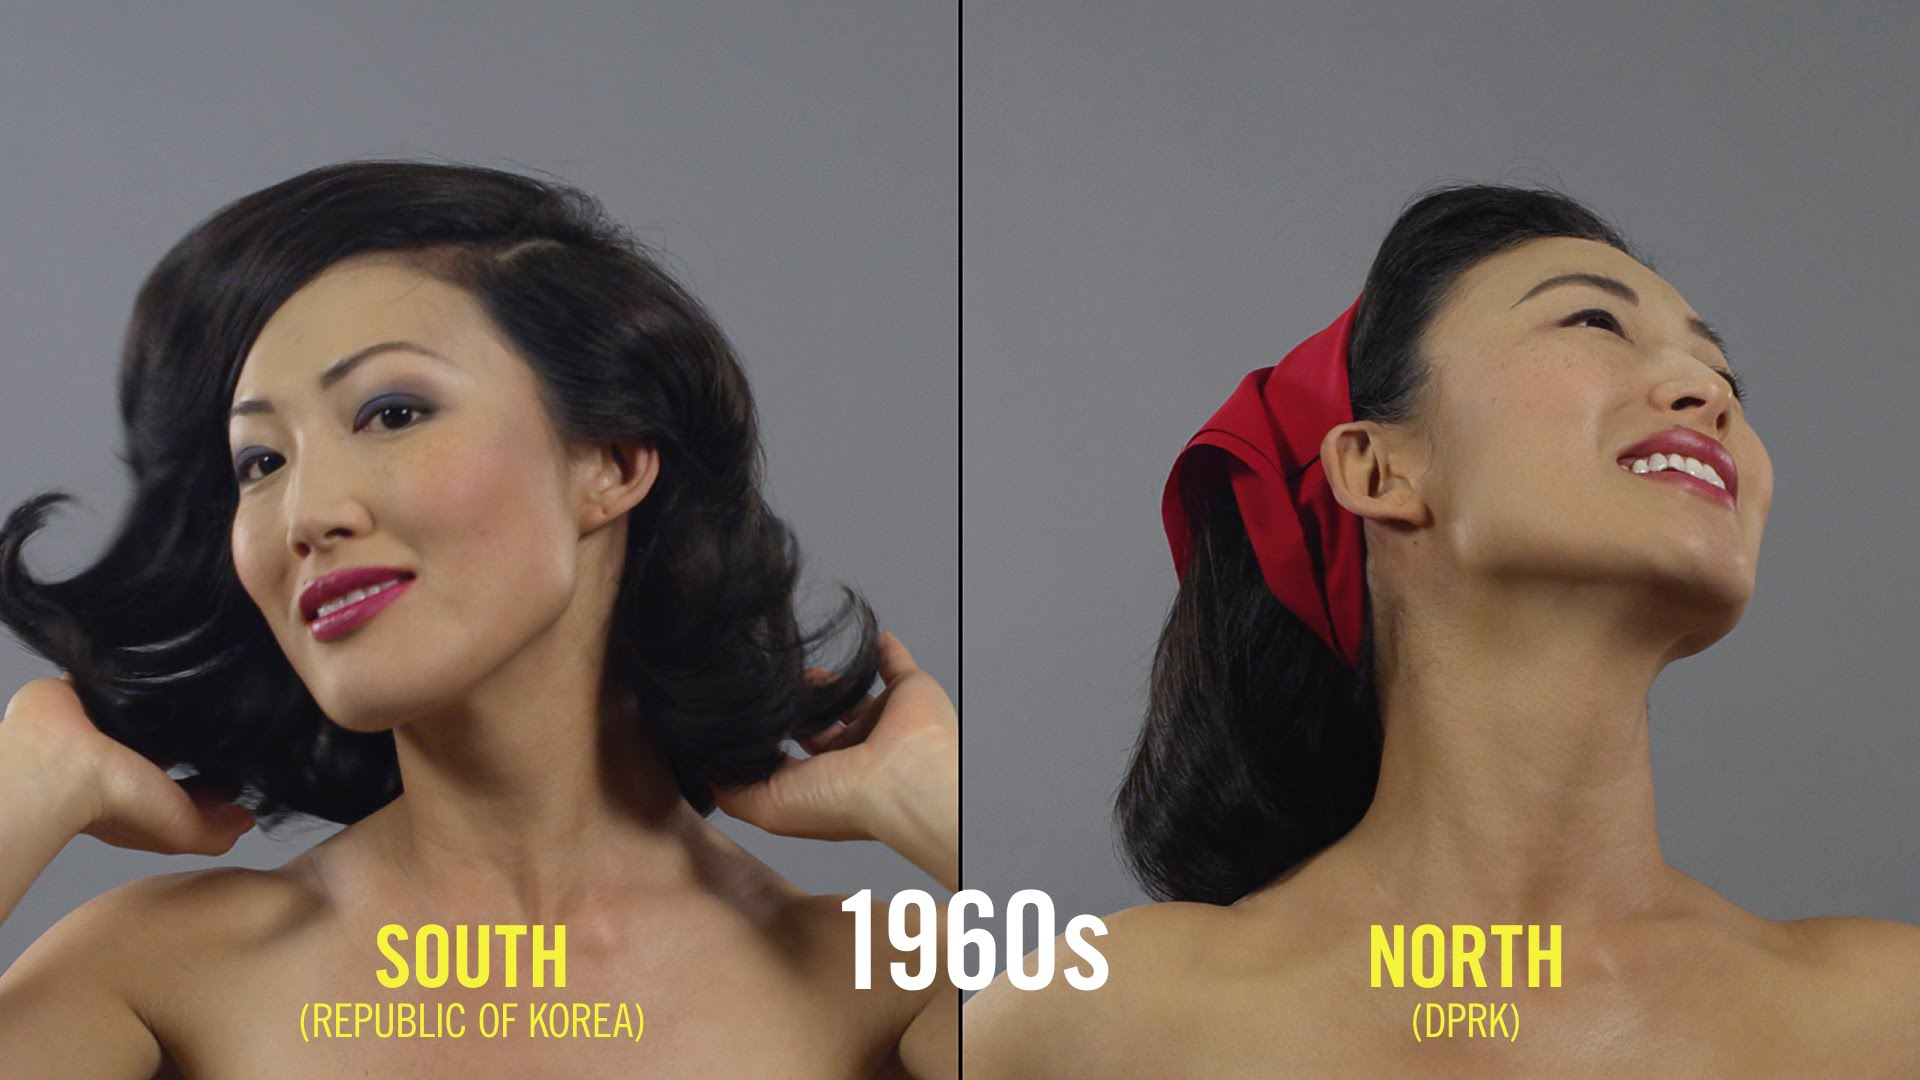 100 Jahre Schönheitsideal in Korea